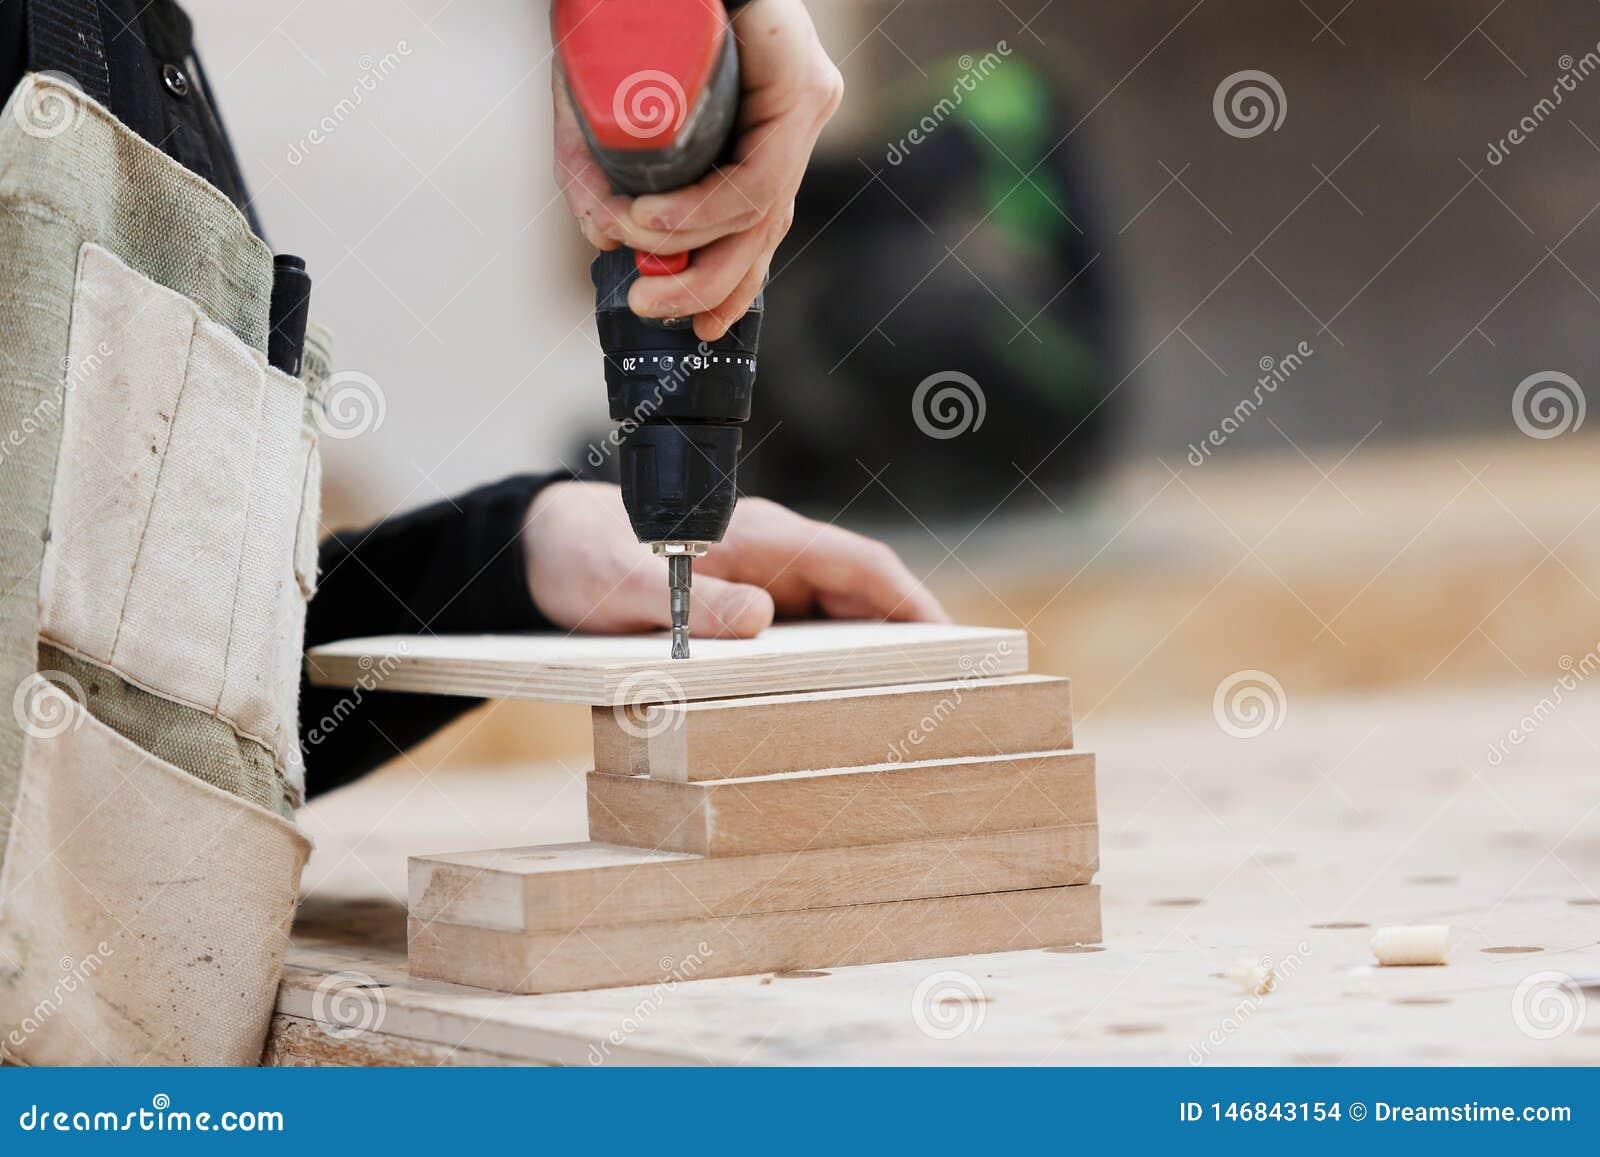 Tischler, der mit einem Elektroschrauber auf der Werkbank arbeitet